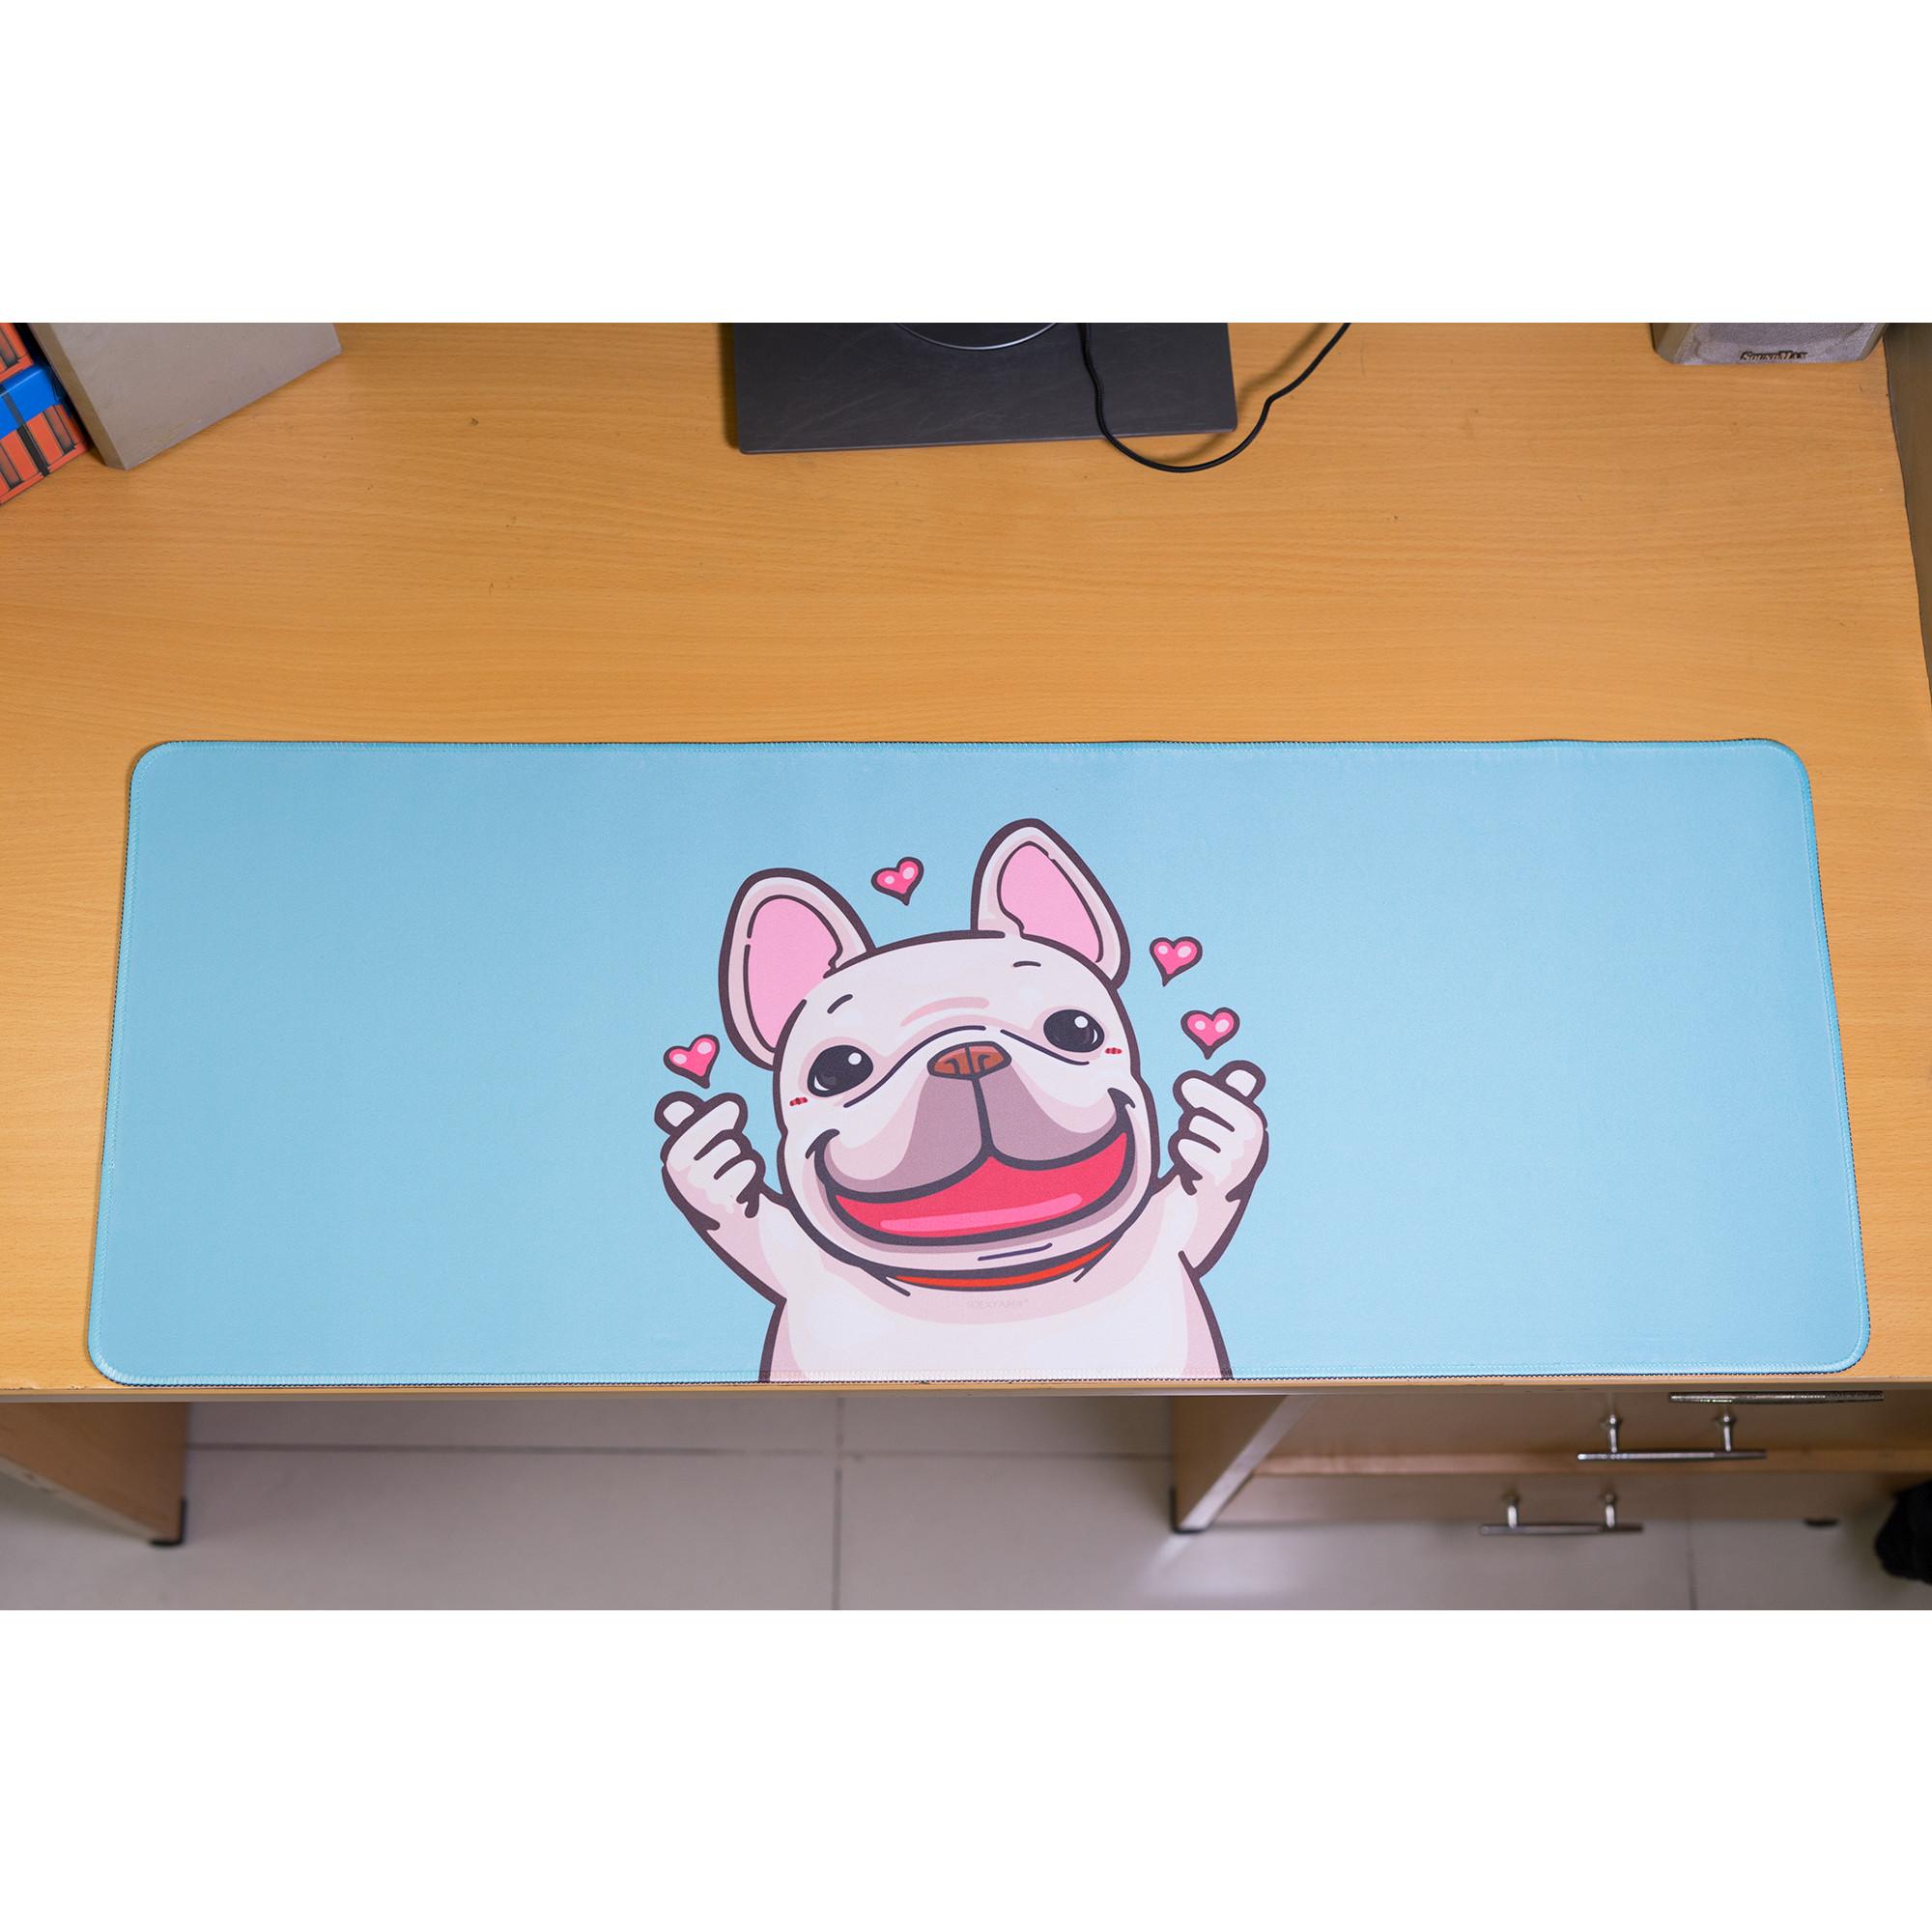 Bàn di chuột, miếng lót chuột, mouse pad size 80x30, 90x40 (mẫu mới)